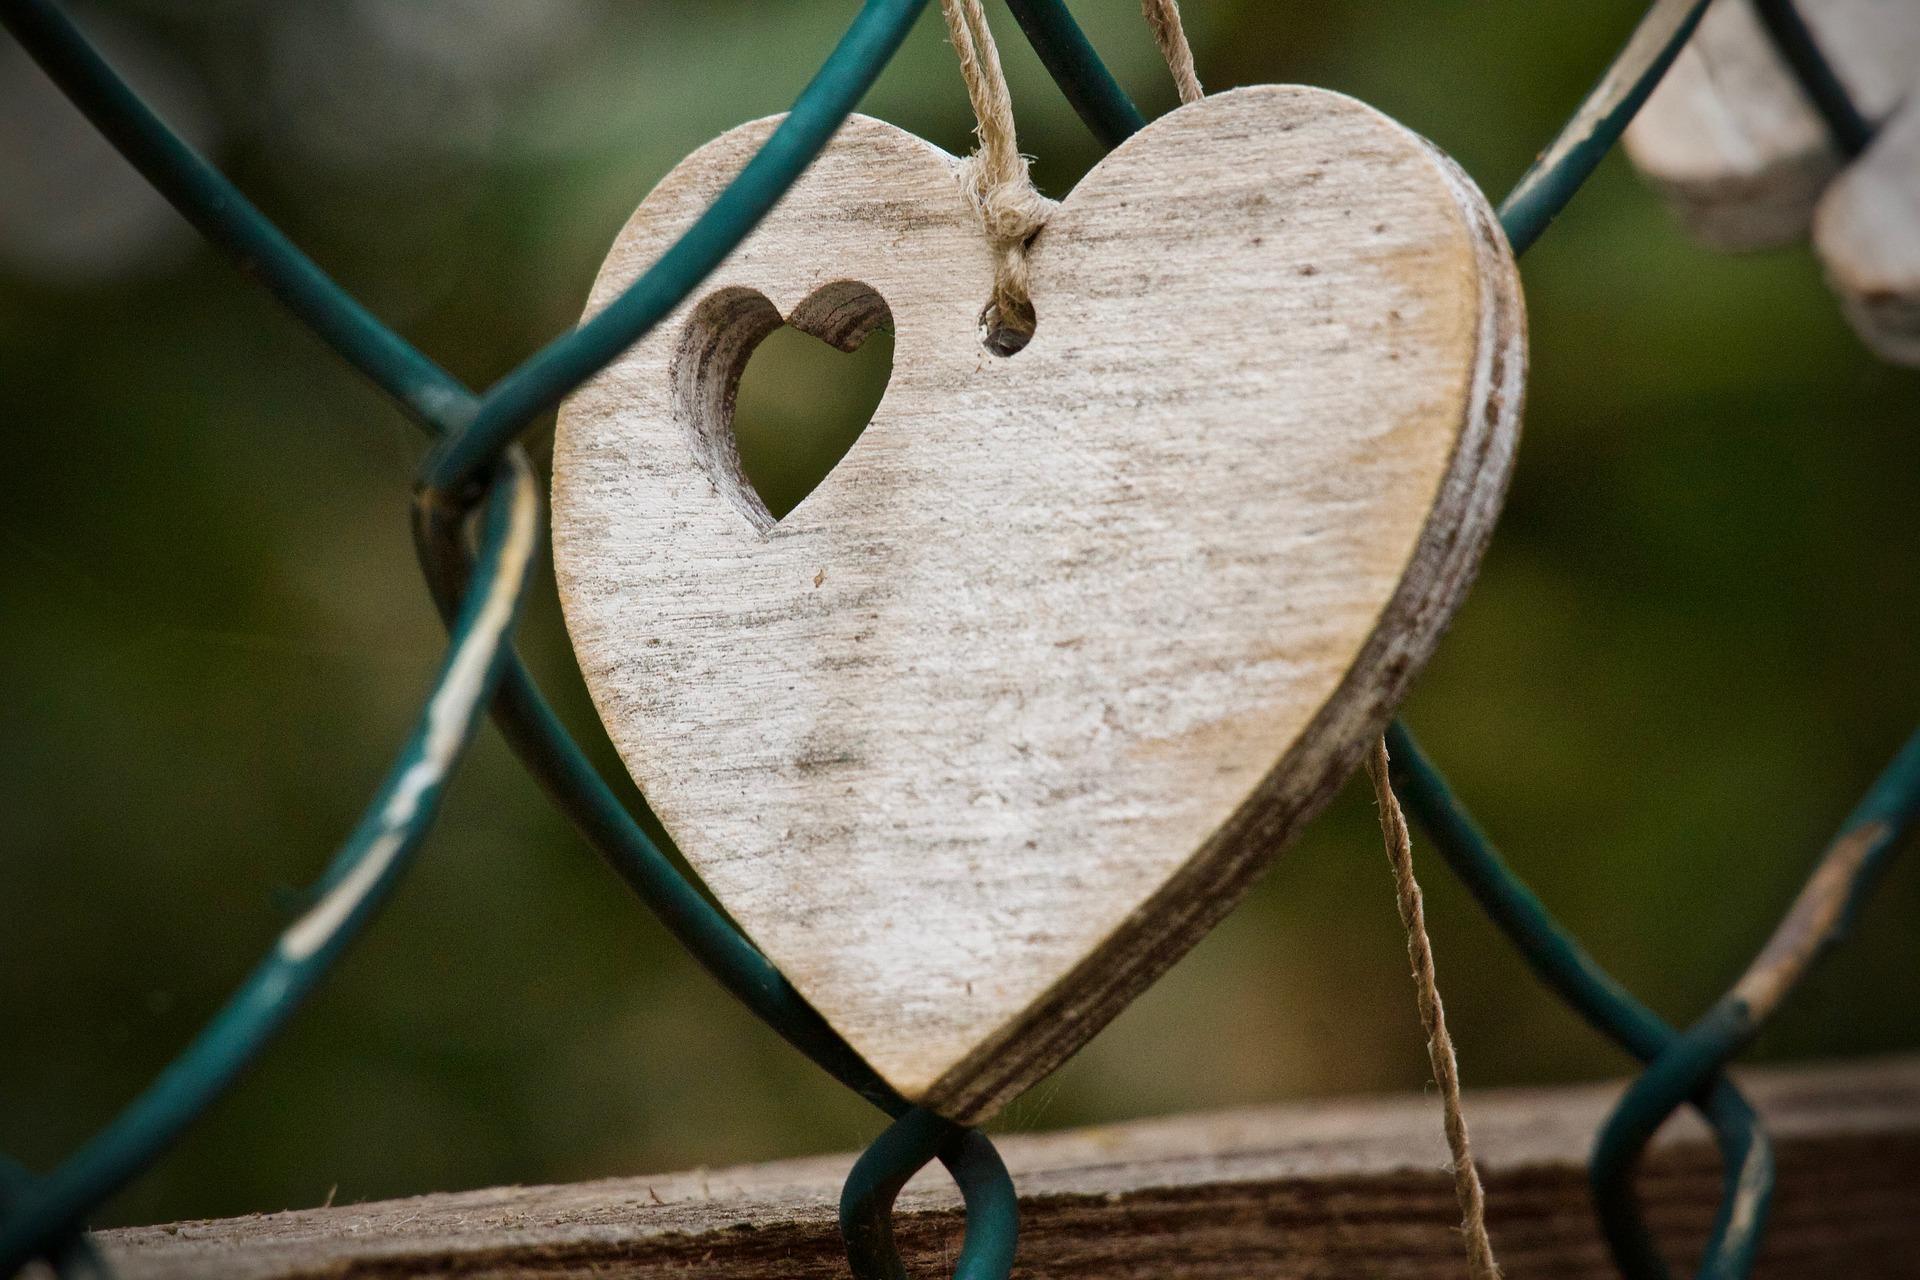 heart-3822849_1920.jpg